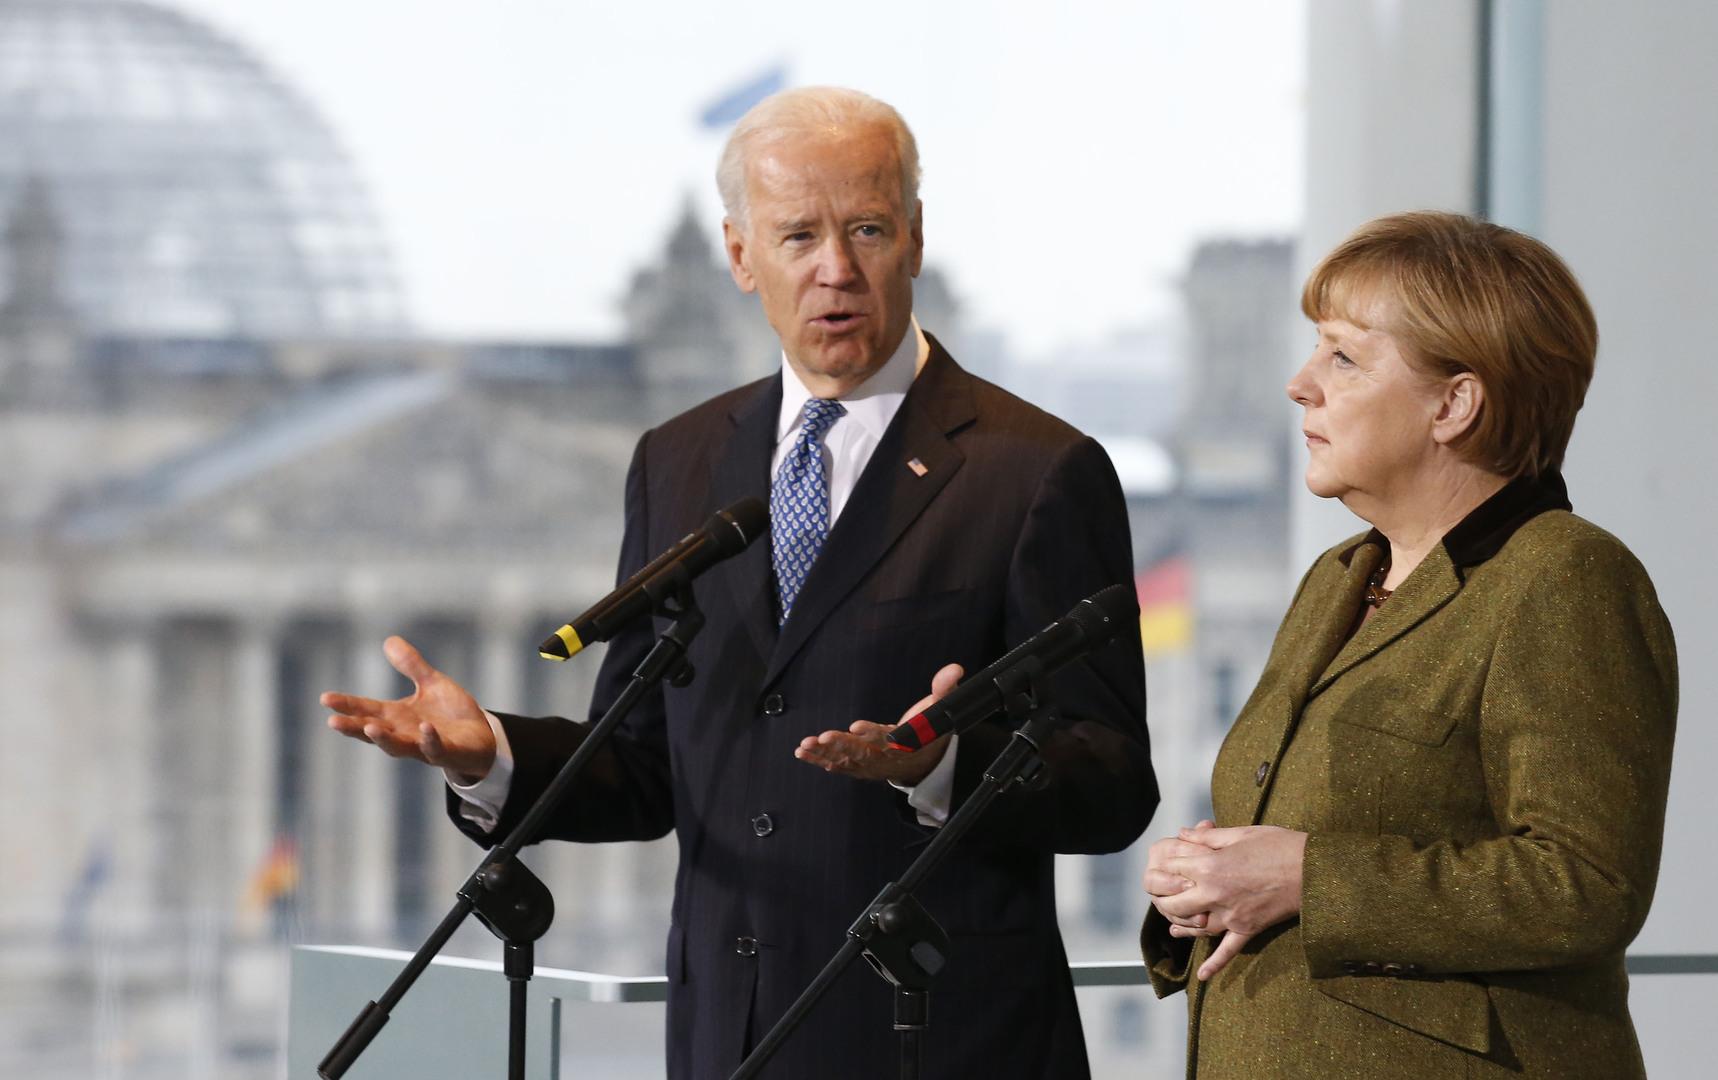 الرئيس الأمريكي الجديد، جو بايدن، والمستشارة الألمانية، أنغيلا ميركل (صورة أرشيفية).